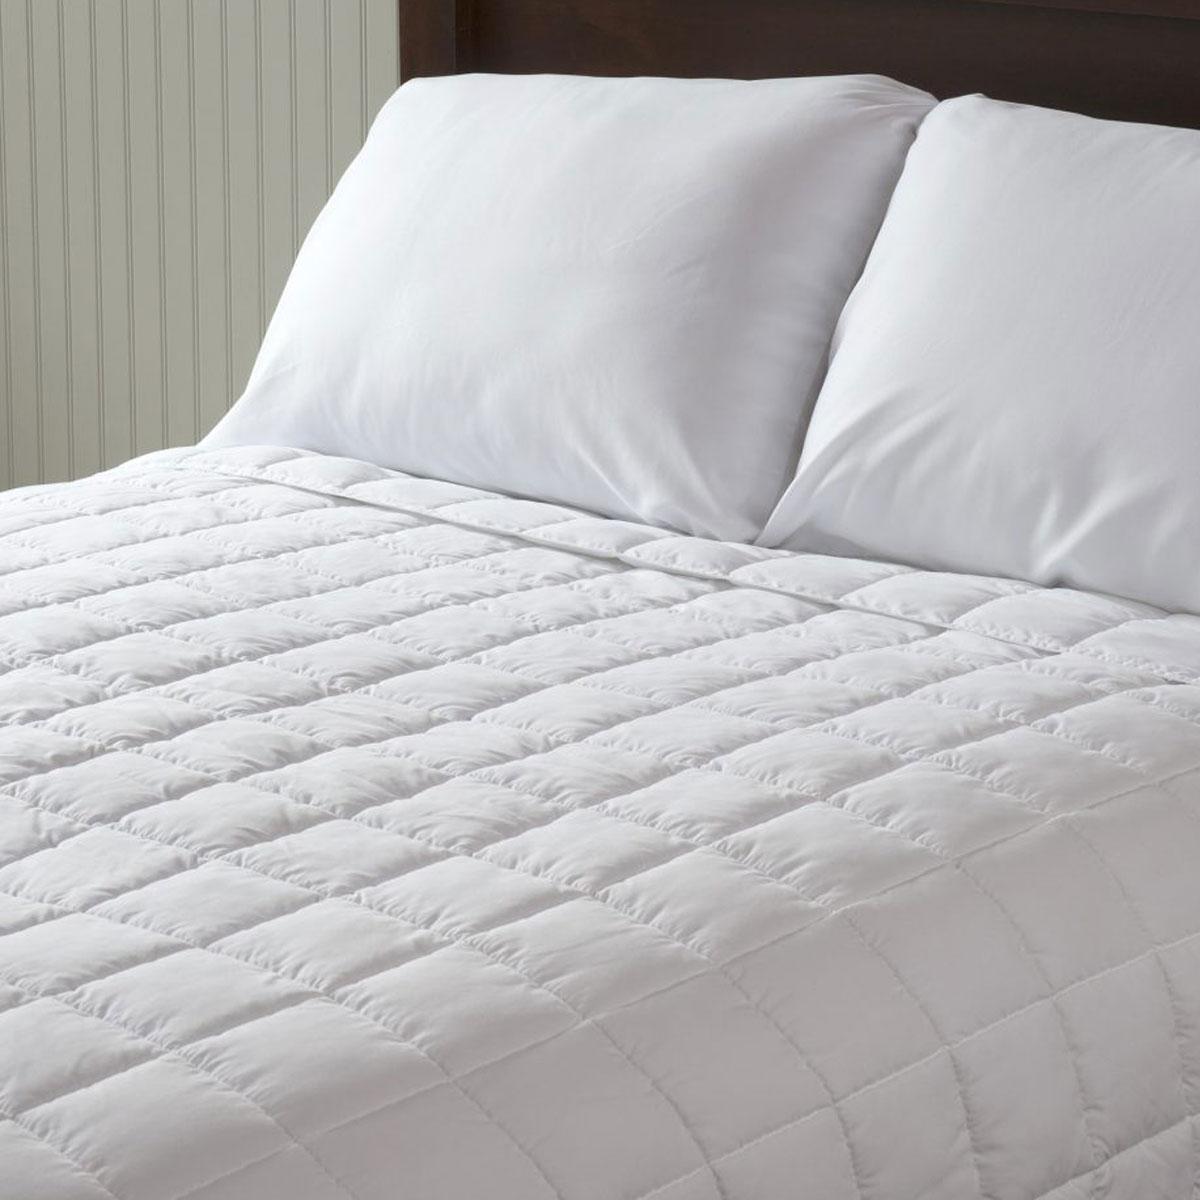 Berkshire Liteluxe Comforter Full Queen 84x84 White 4 Per